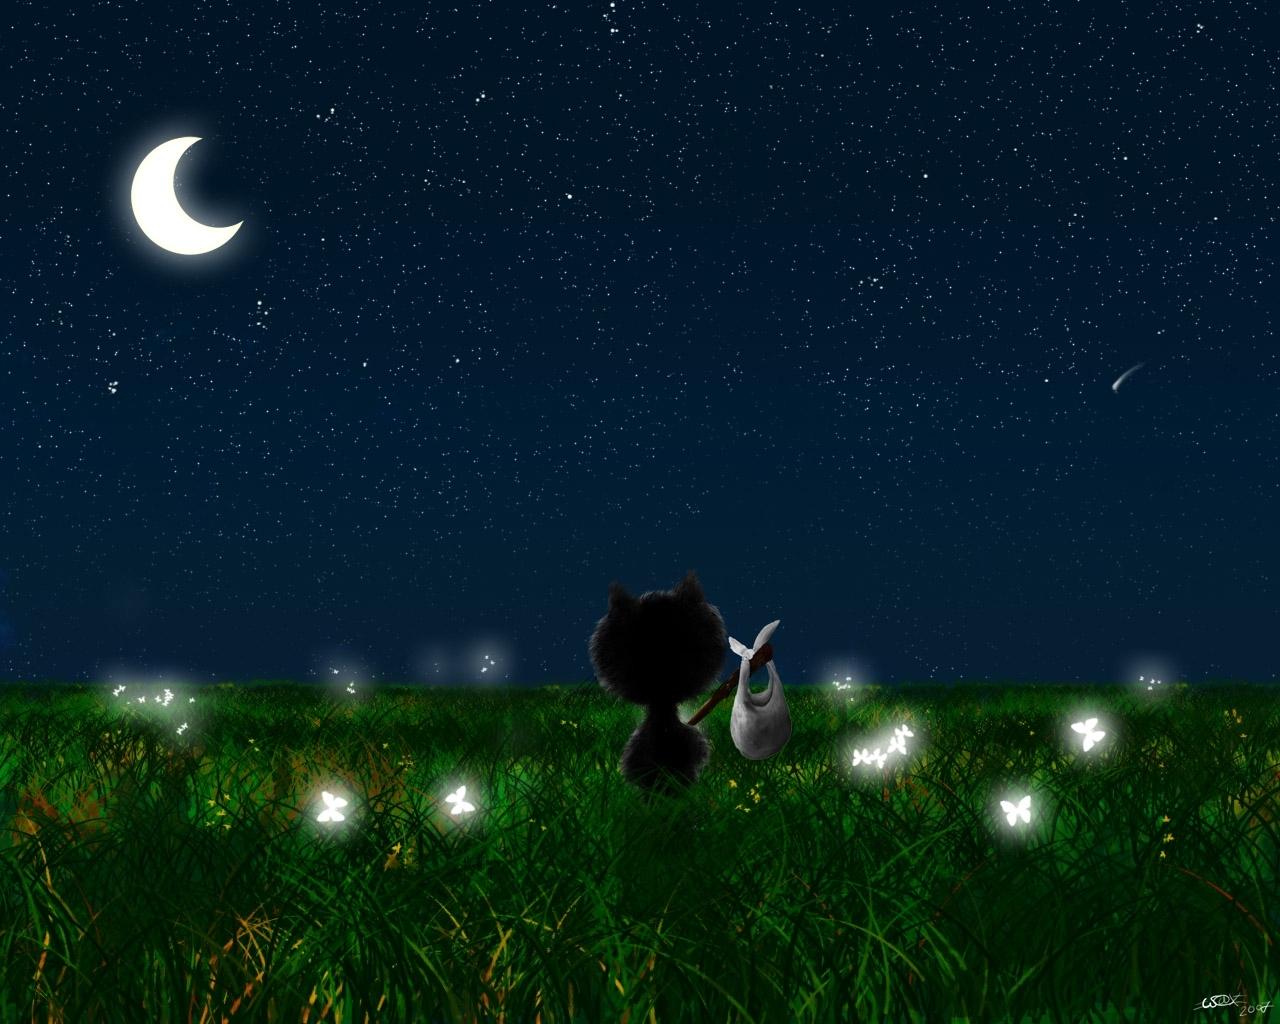 8866 免費下載壁紙 景观, 猫, 草, 夜, 月球, 图片 屏保和圖片